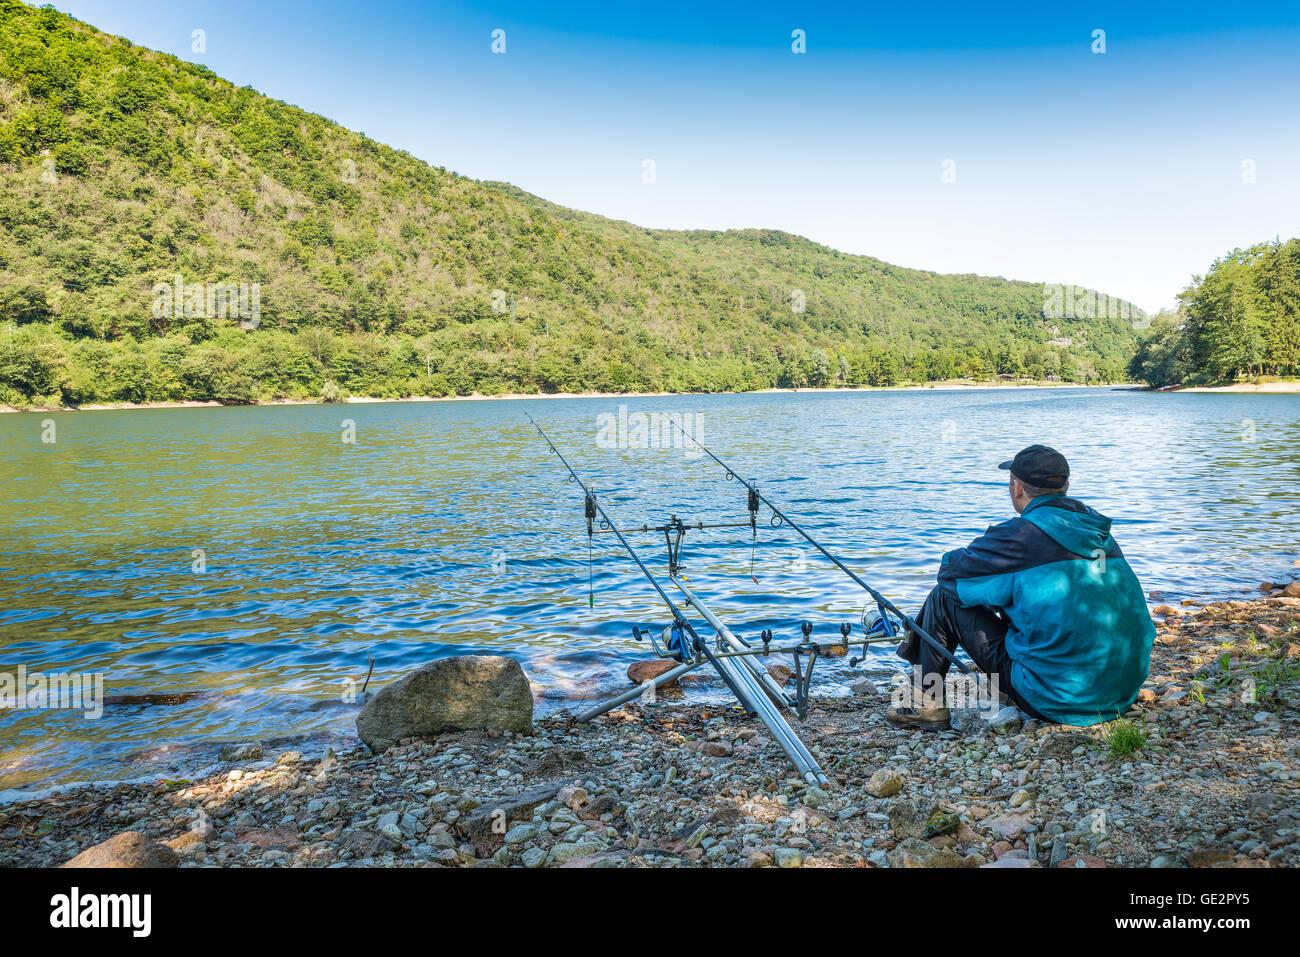 Le avventure di pesca, la pesca alla carpa. Pescatore sulle rive di un lago Immagini Stock